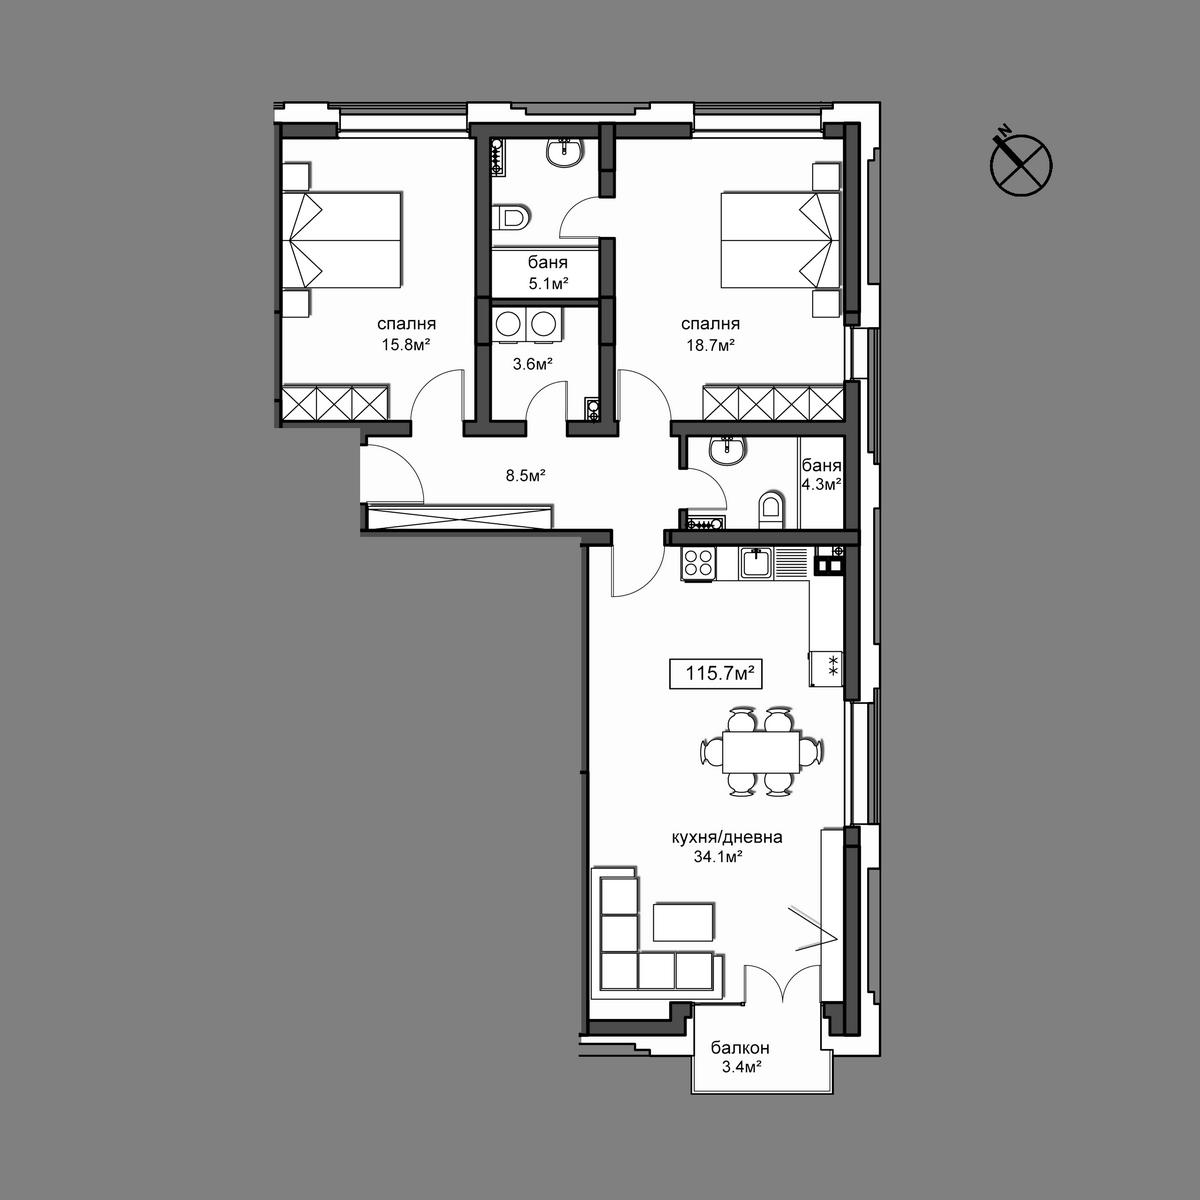 Апартамент 32